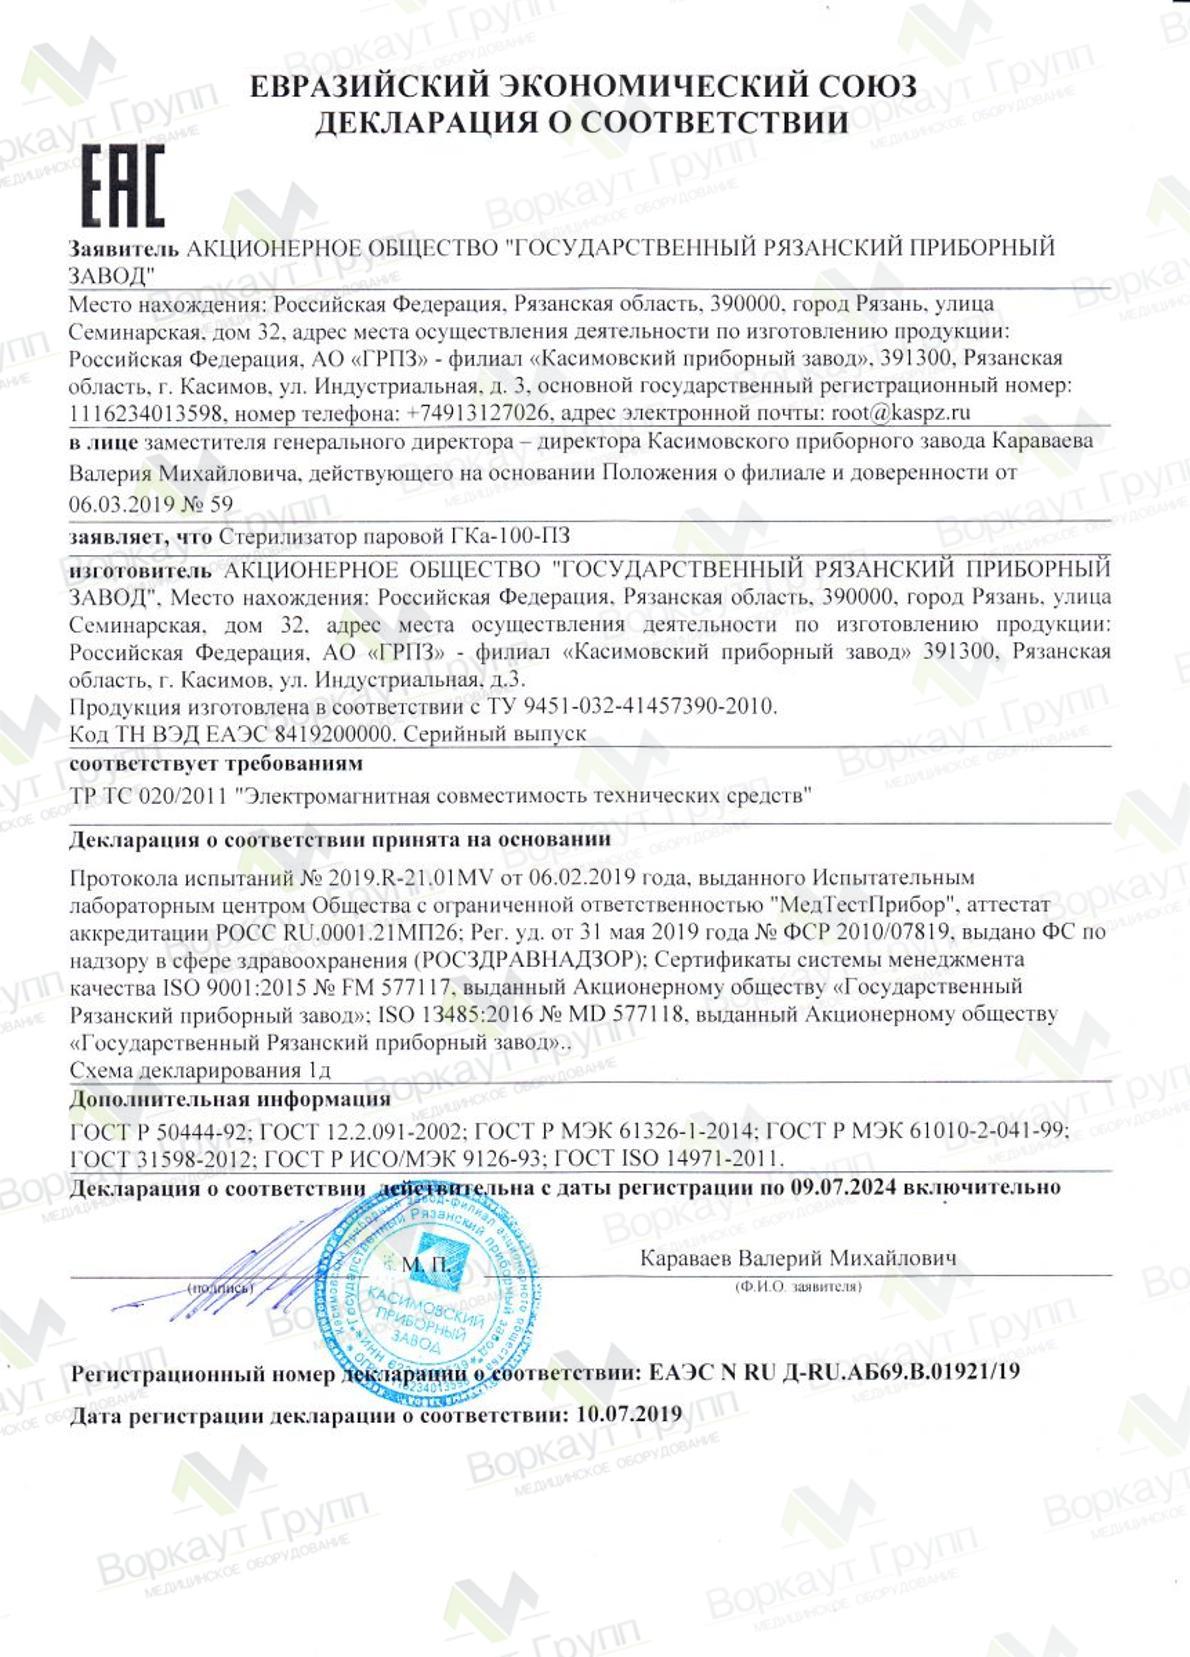 Стерилизатор ГКа-100 ПЗ ЕАС